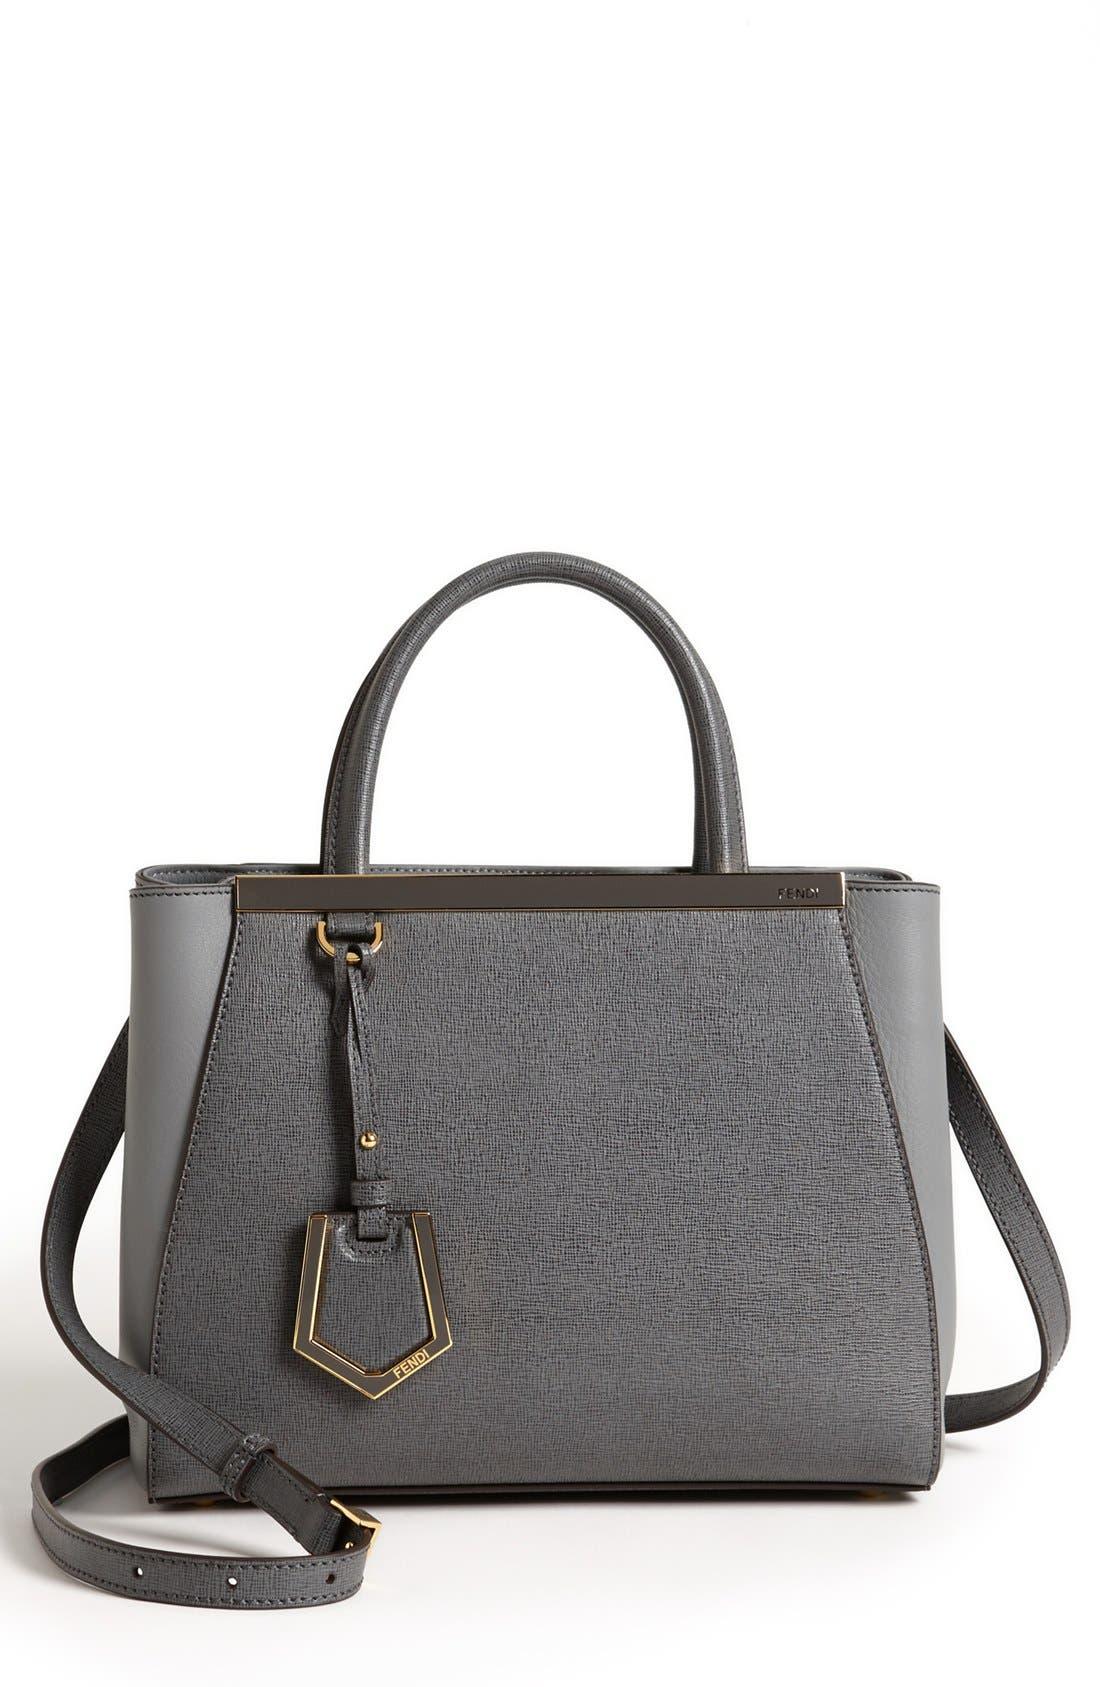 'Petite 2Jours Elite' Leather Shopper,                             Main thumbnail 1, color,                             Grey/ Gold Hdwr